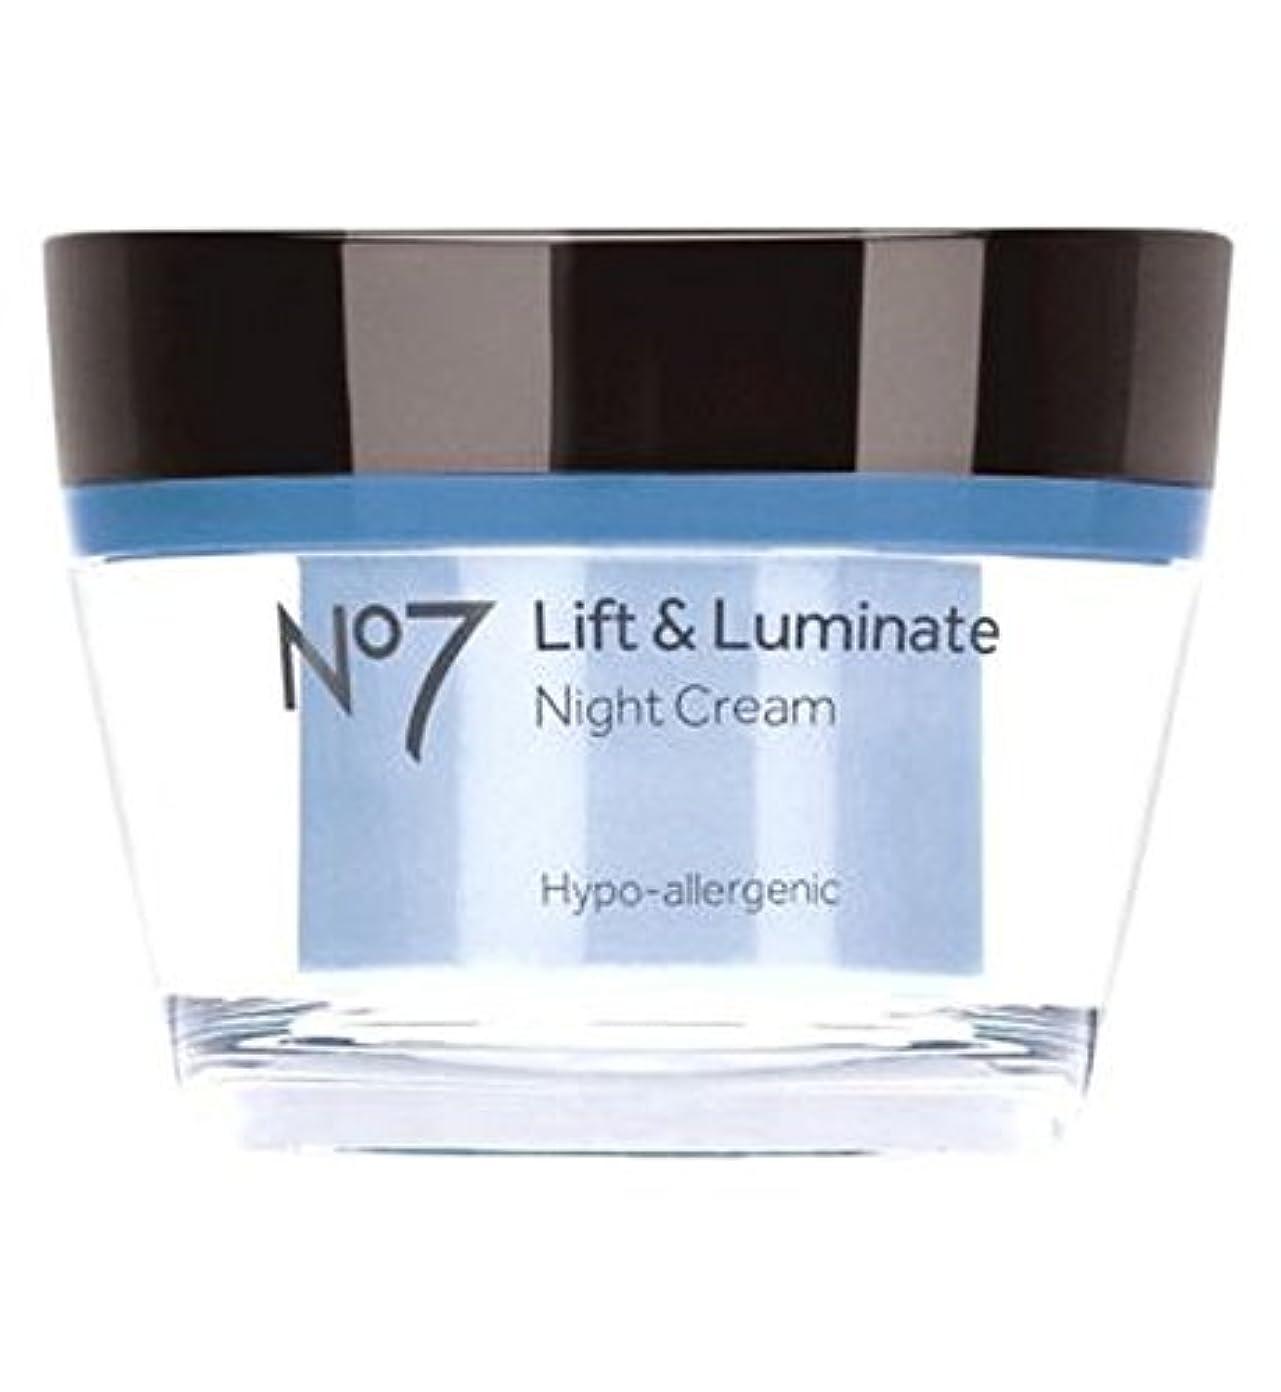 スリップシューズ黒テープNo7リフト&Luminateナイトクリーム (No7) (x2) - No7 Lift & Luminate Night Cream (Pack of 2) [並行輸入品]